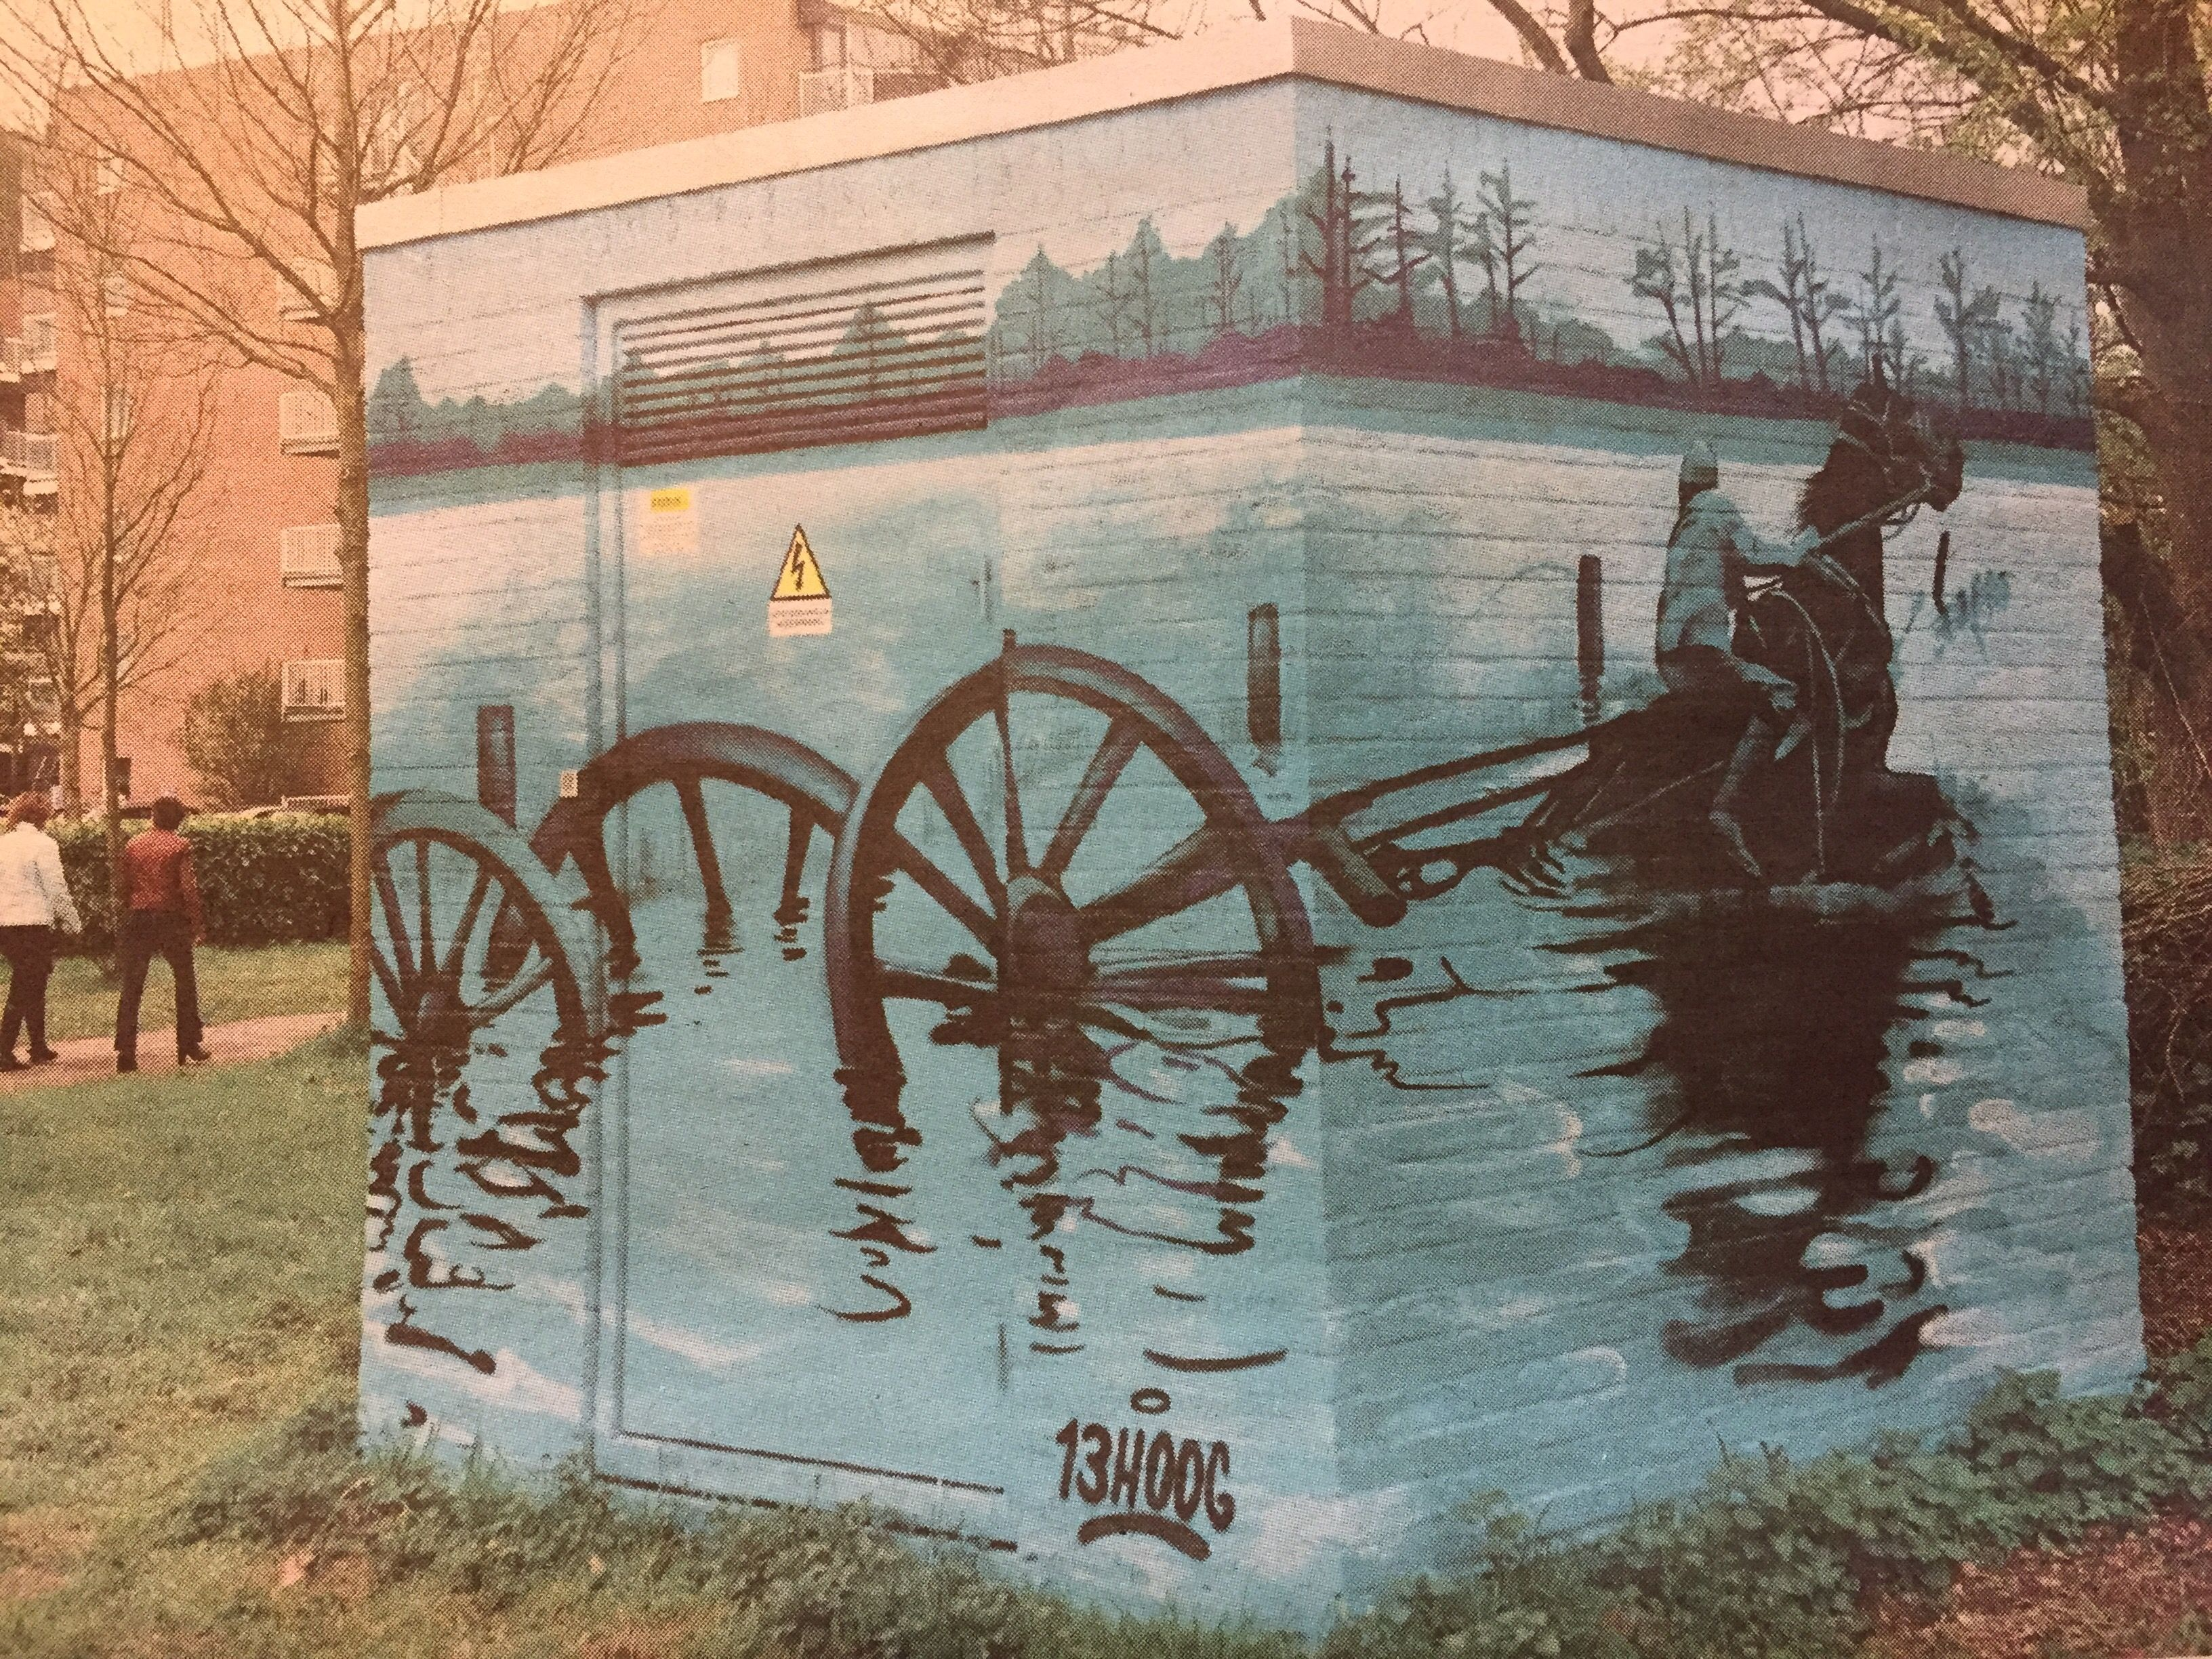 Grebbelinie Streetart Leusden Artist HOOG Vd Haterd Street Art - Artist creates clever street art installations that interact with their surroundings